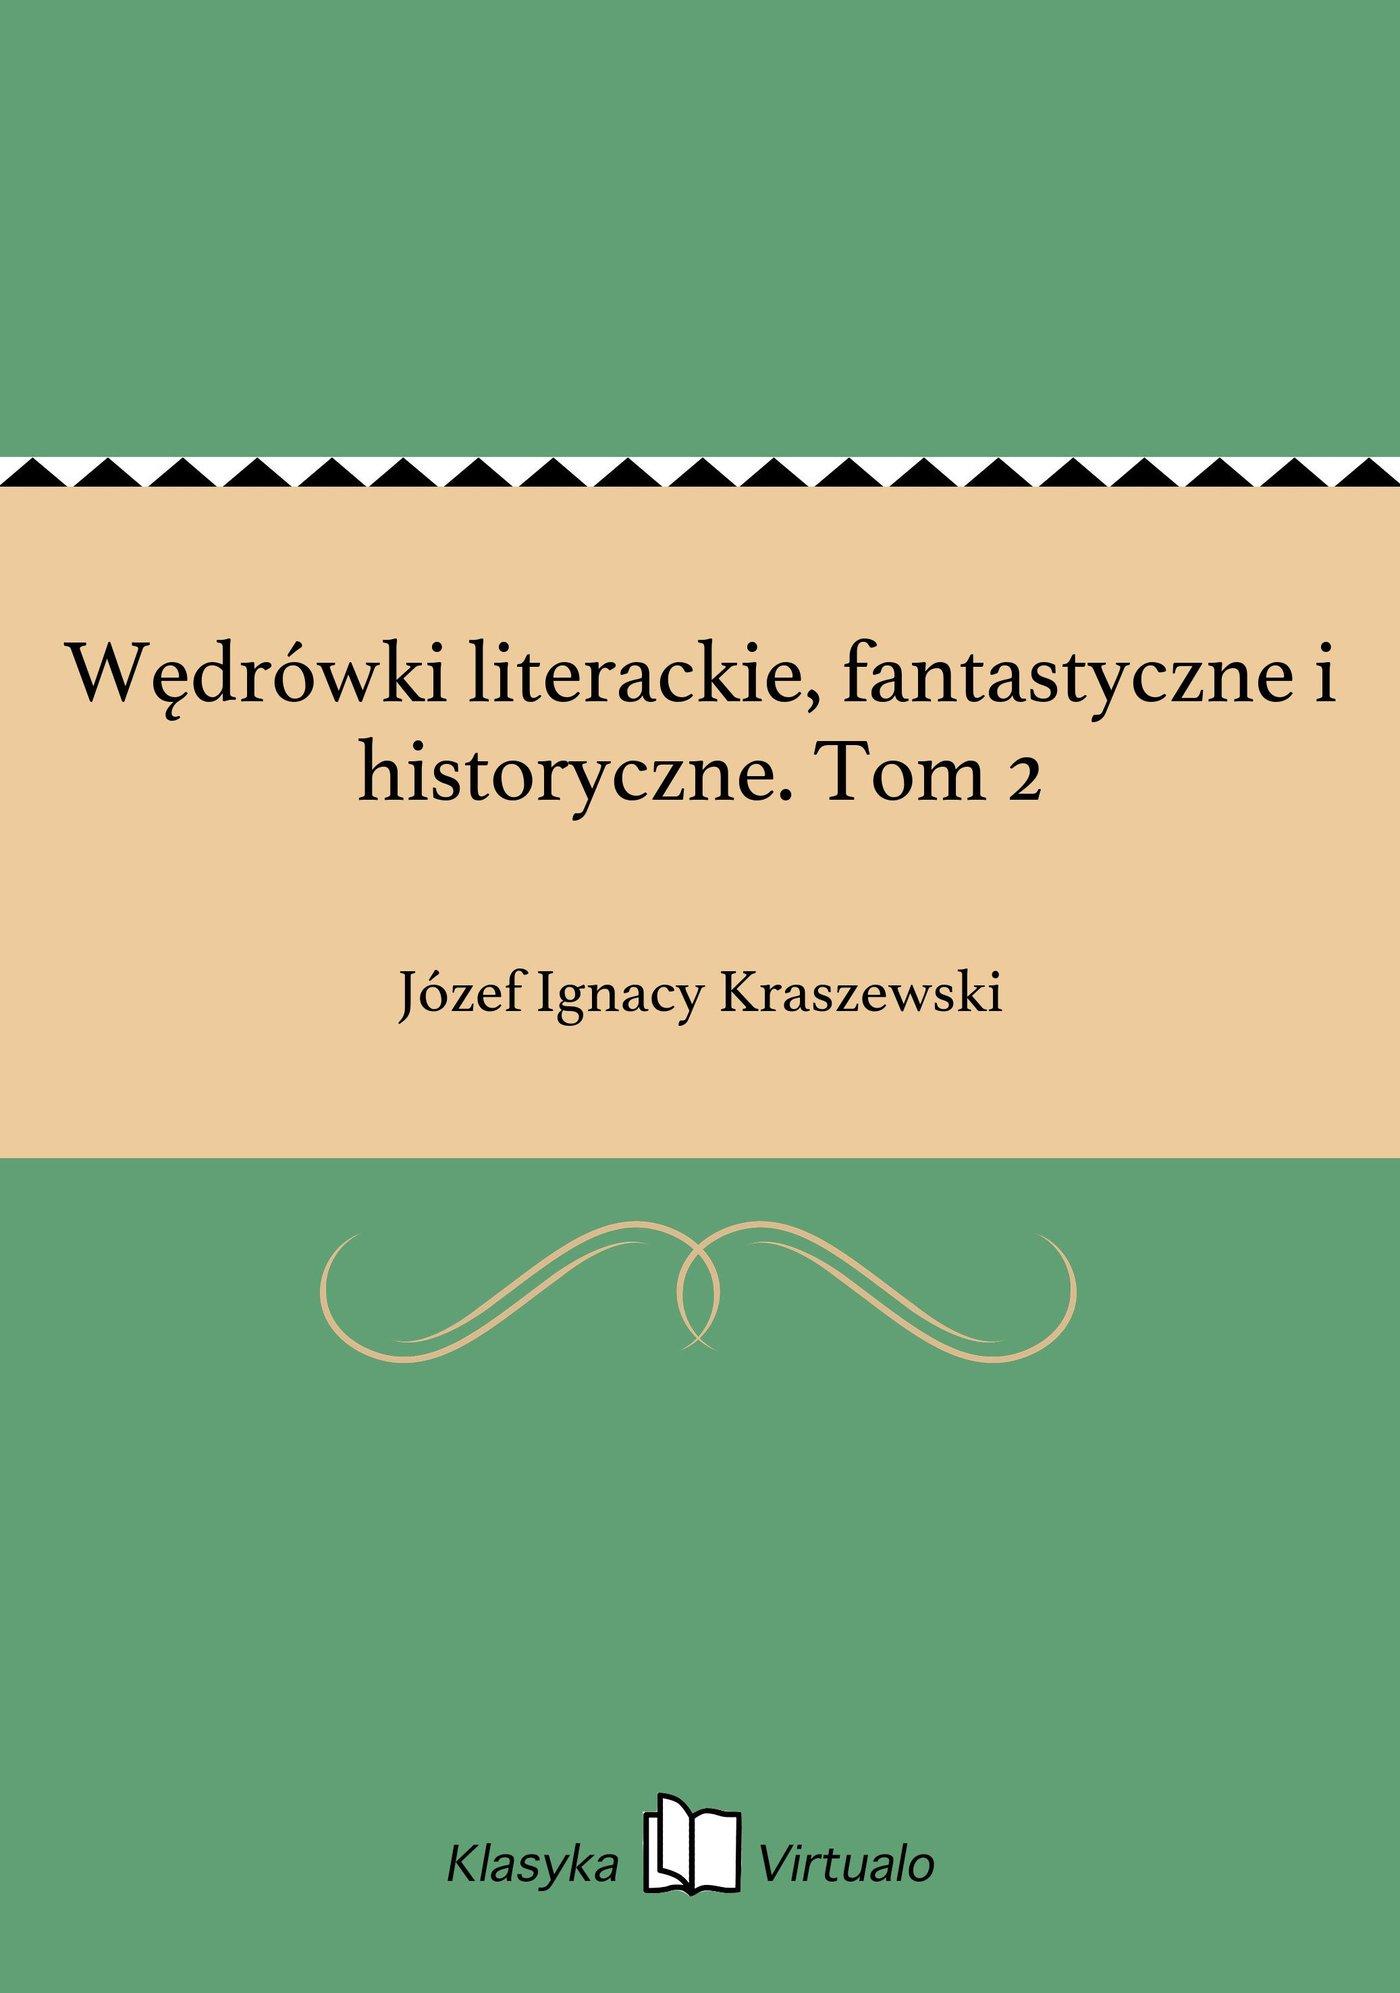 Wędrówki literackie, fantastyczne i historyczne. Tom 2 - Ebook (Książka EPUB) do pobrania w formacie EPUB